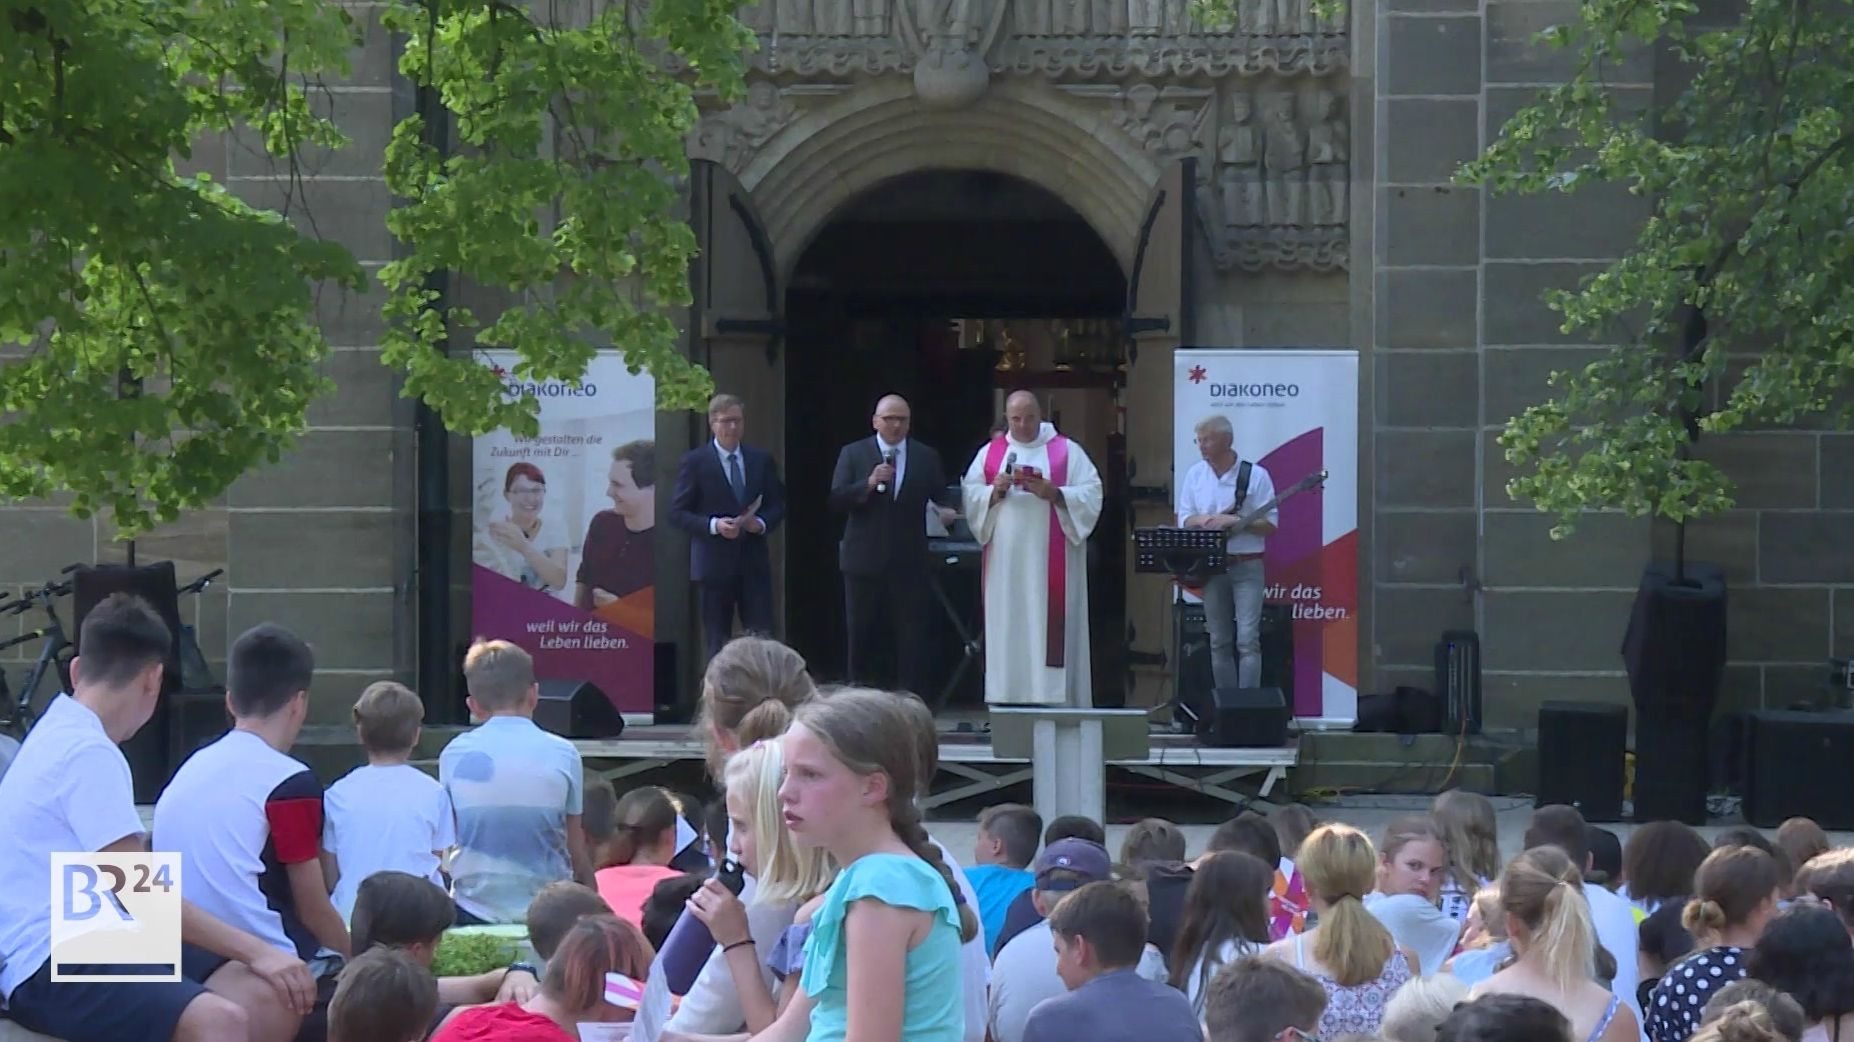 Andacht zur Fusionierung der beiden Diakonien Neuendettelsau und Schwäbisch Hall